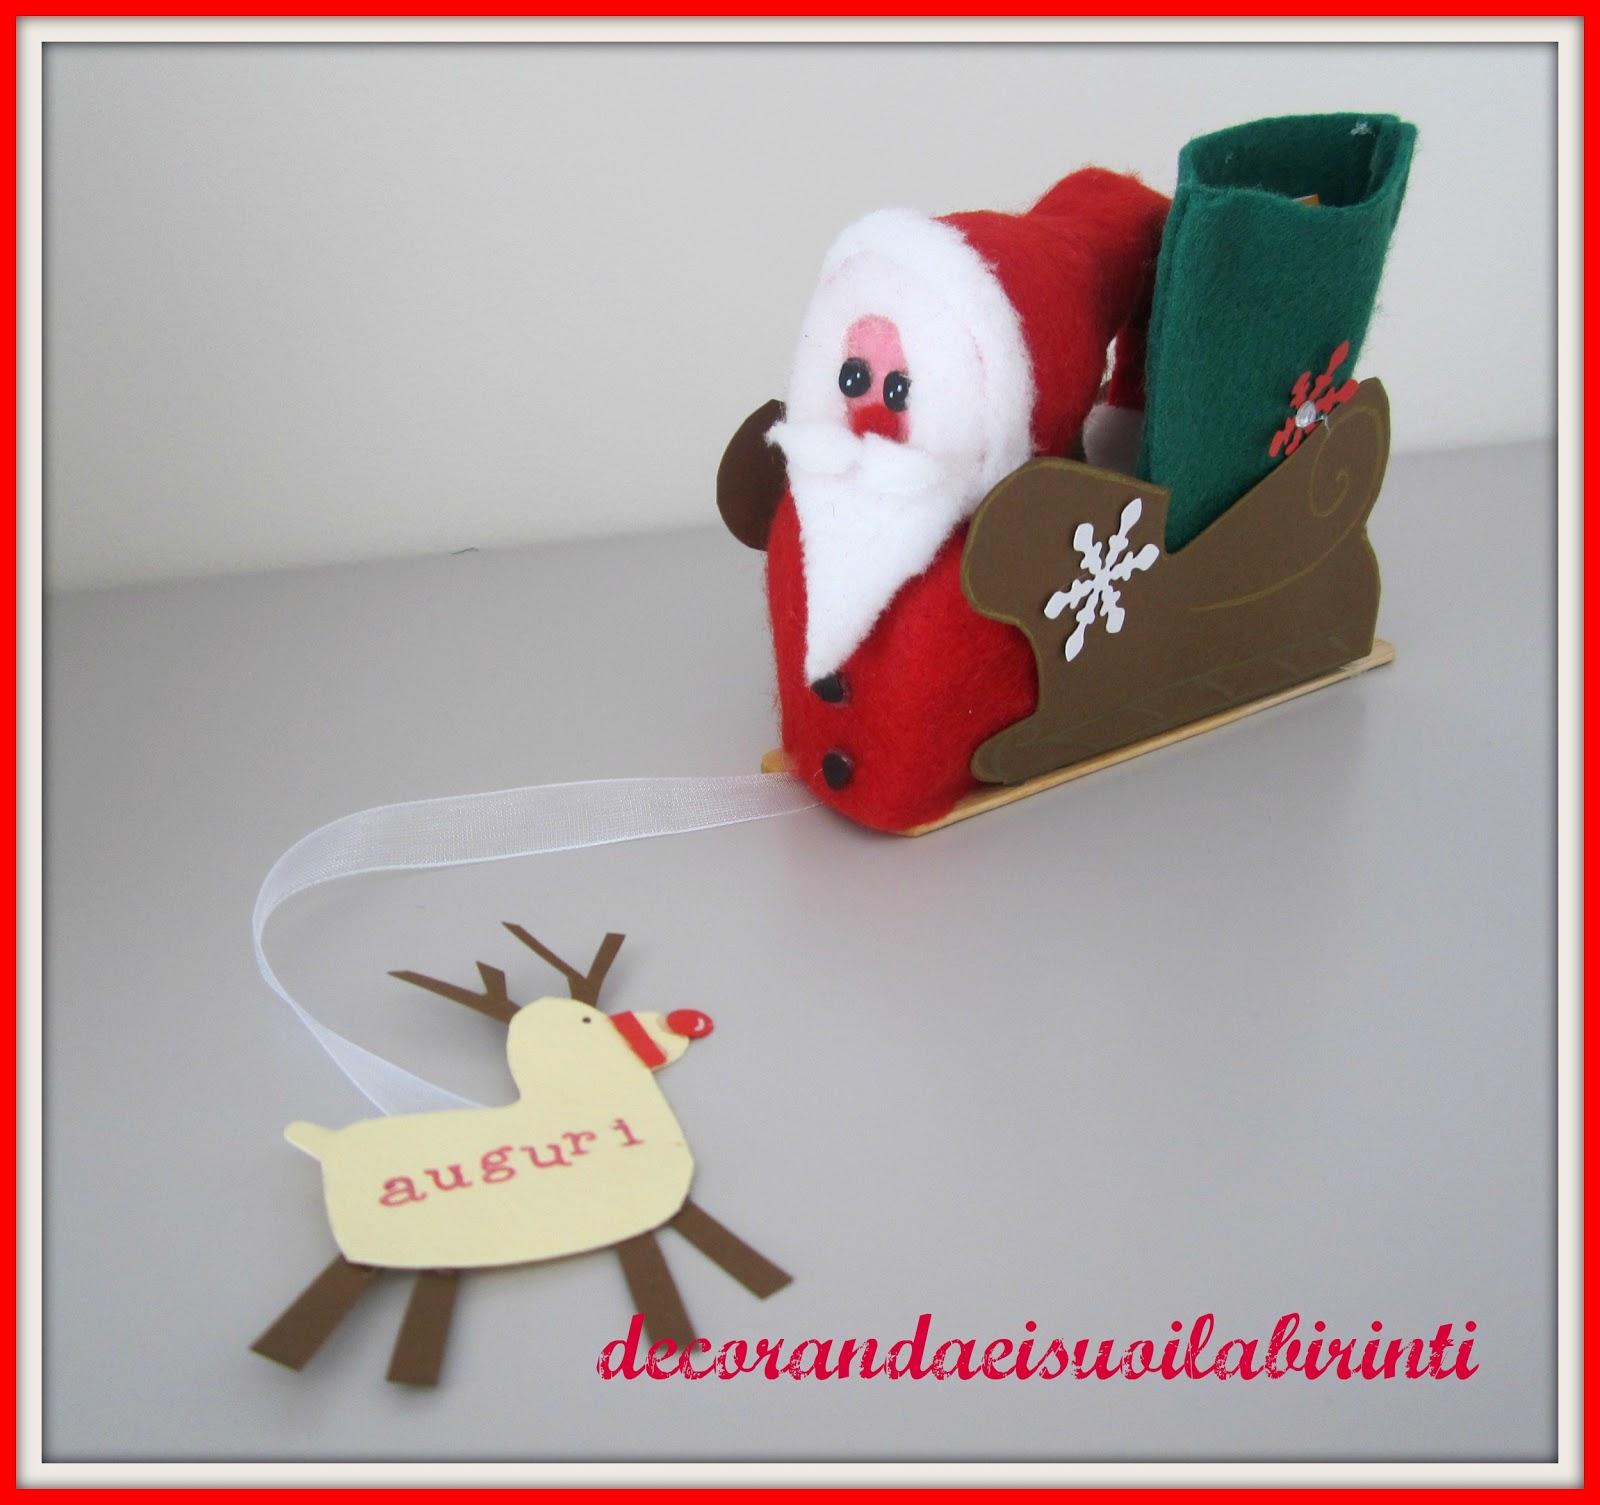 Babbo Natale Lavoretti.Decorandaeisuoilabirinti Lavoretto Di Natale